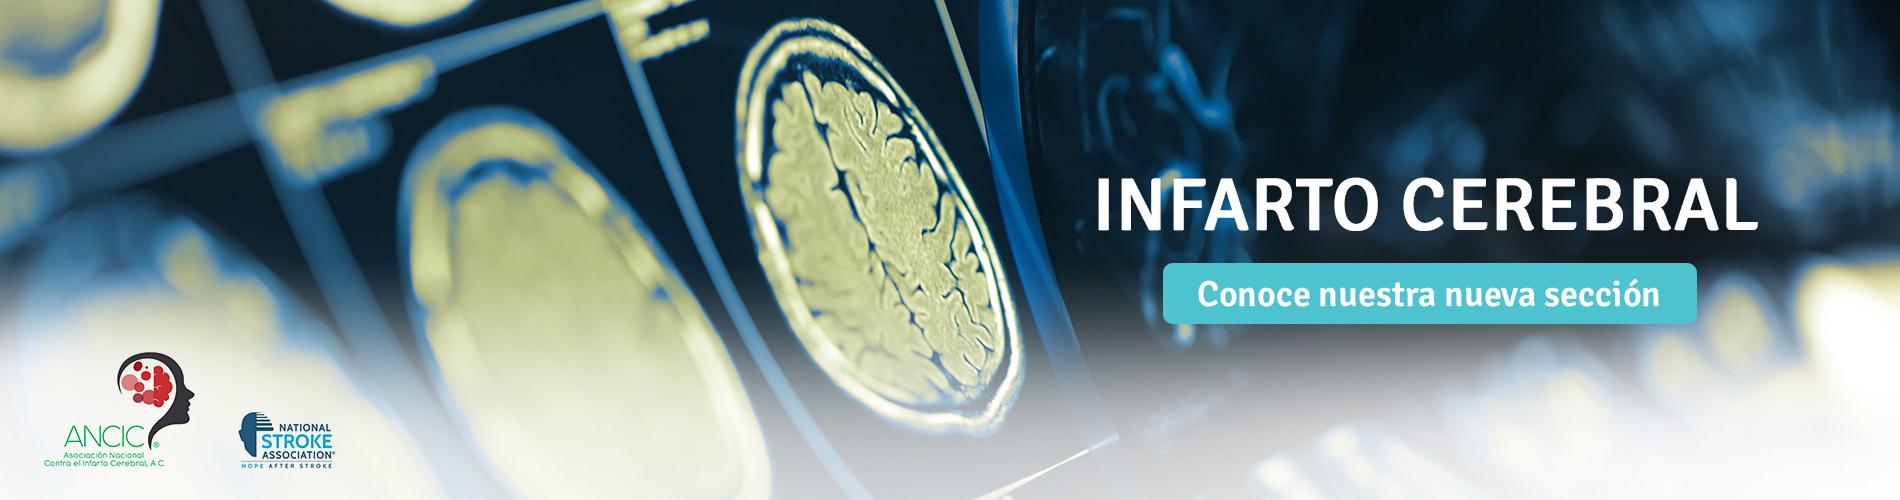 ¿Qué es un infarto cerebral y cómo prevenirlo?